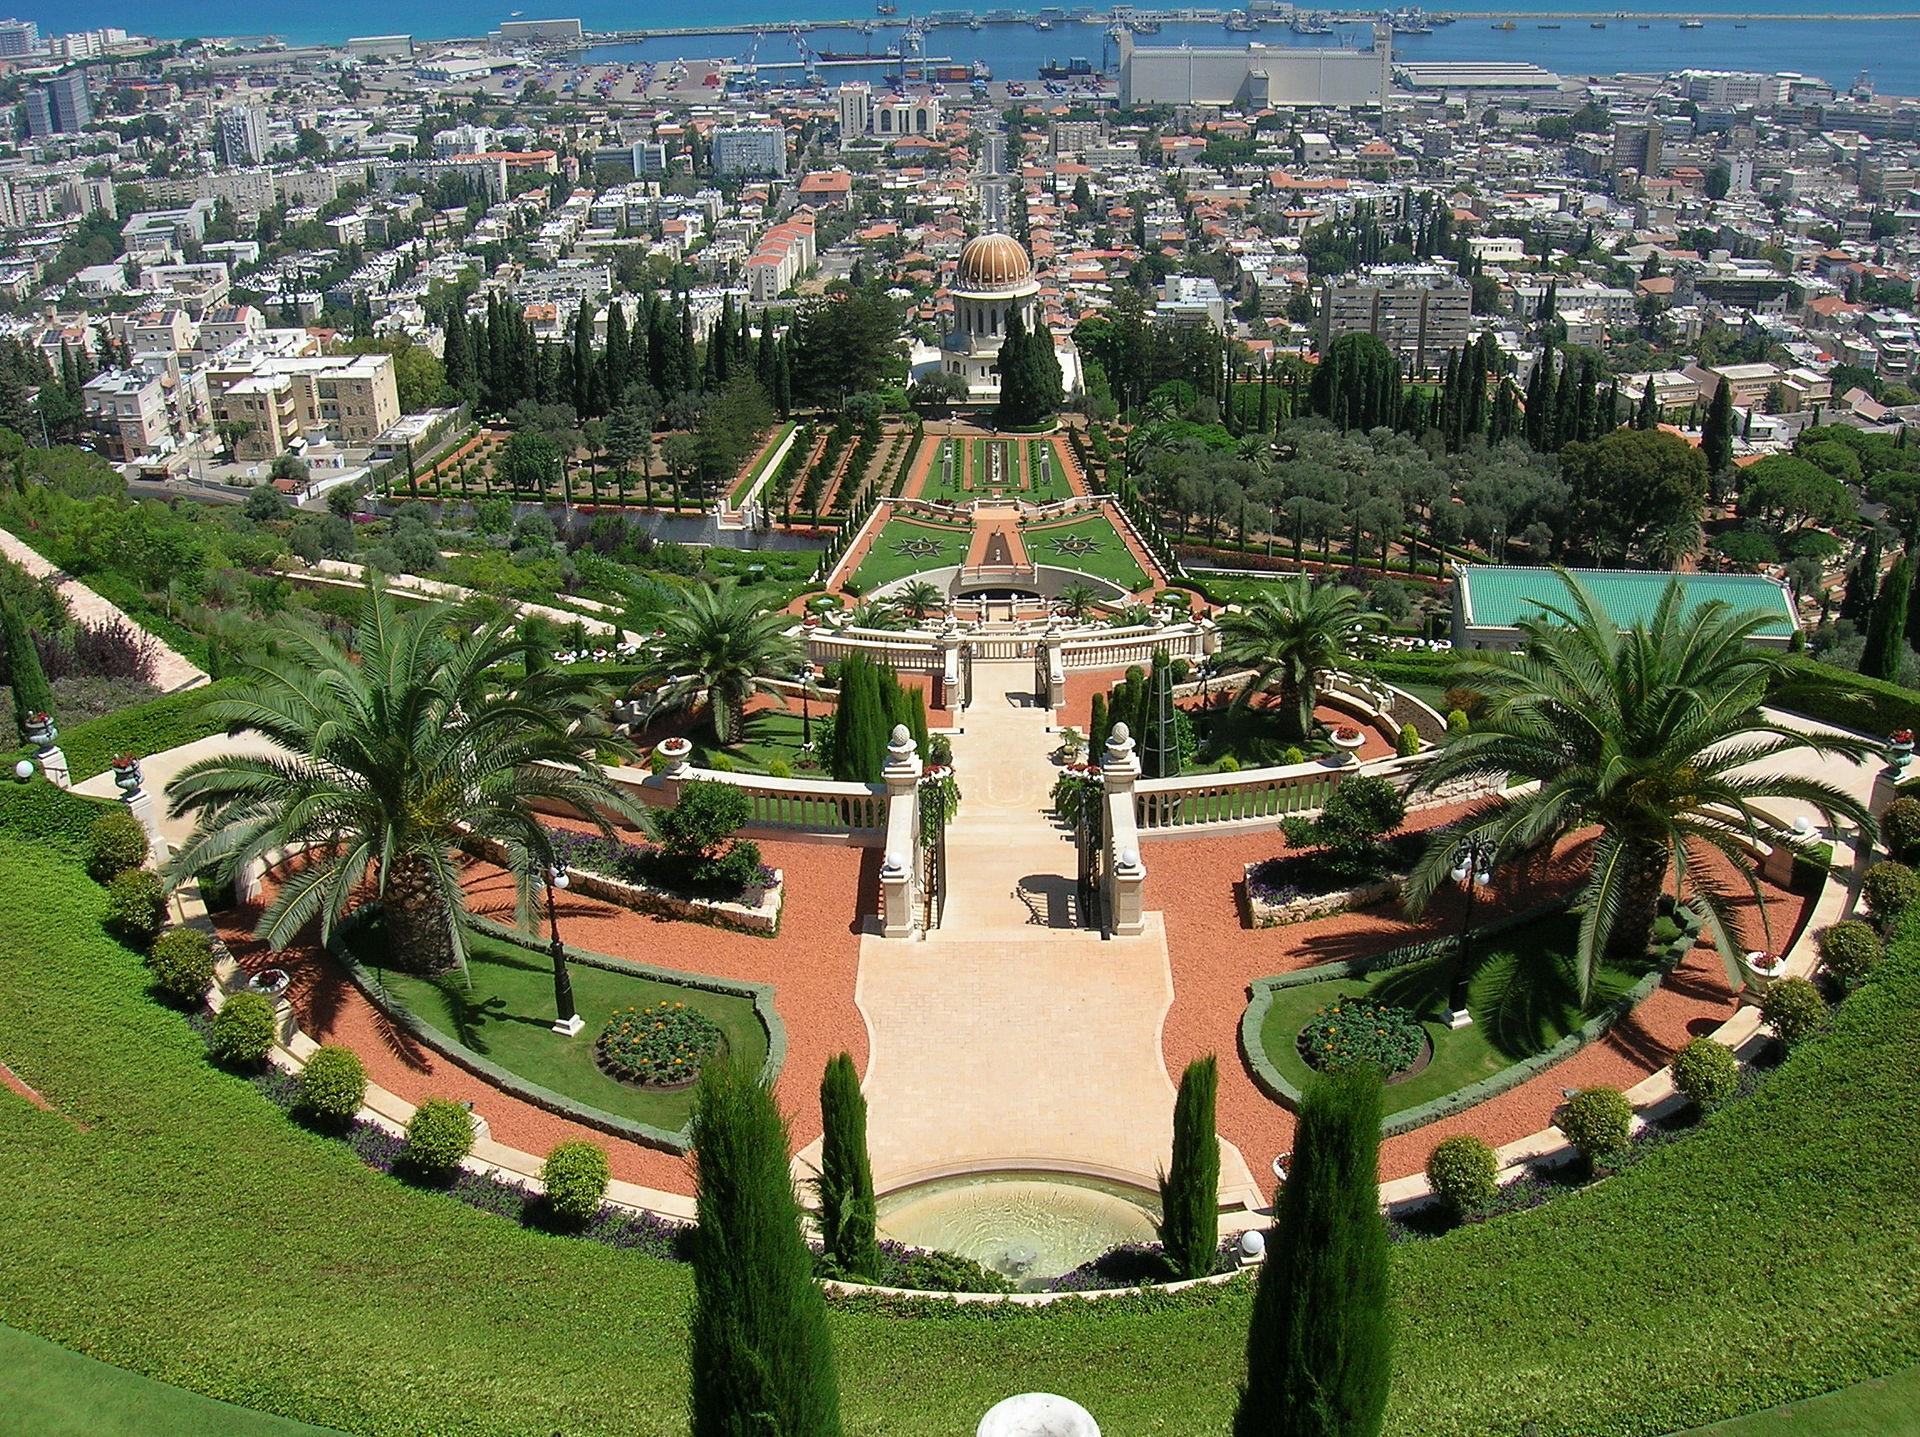 Israel_-_Haifa_-_Bahai_Gardens_004.jpg